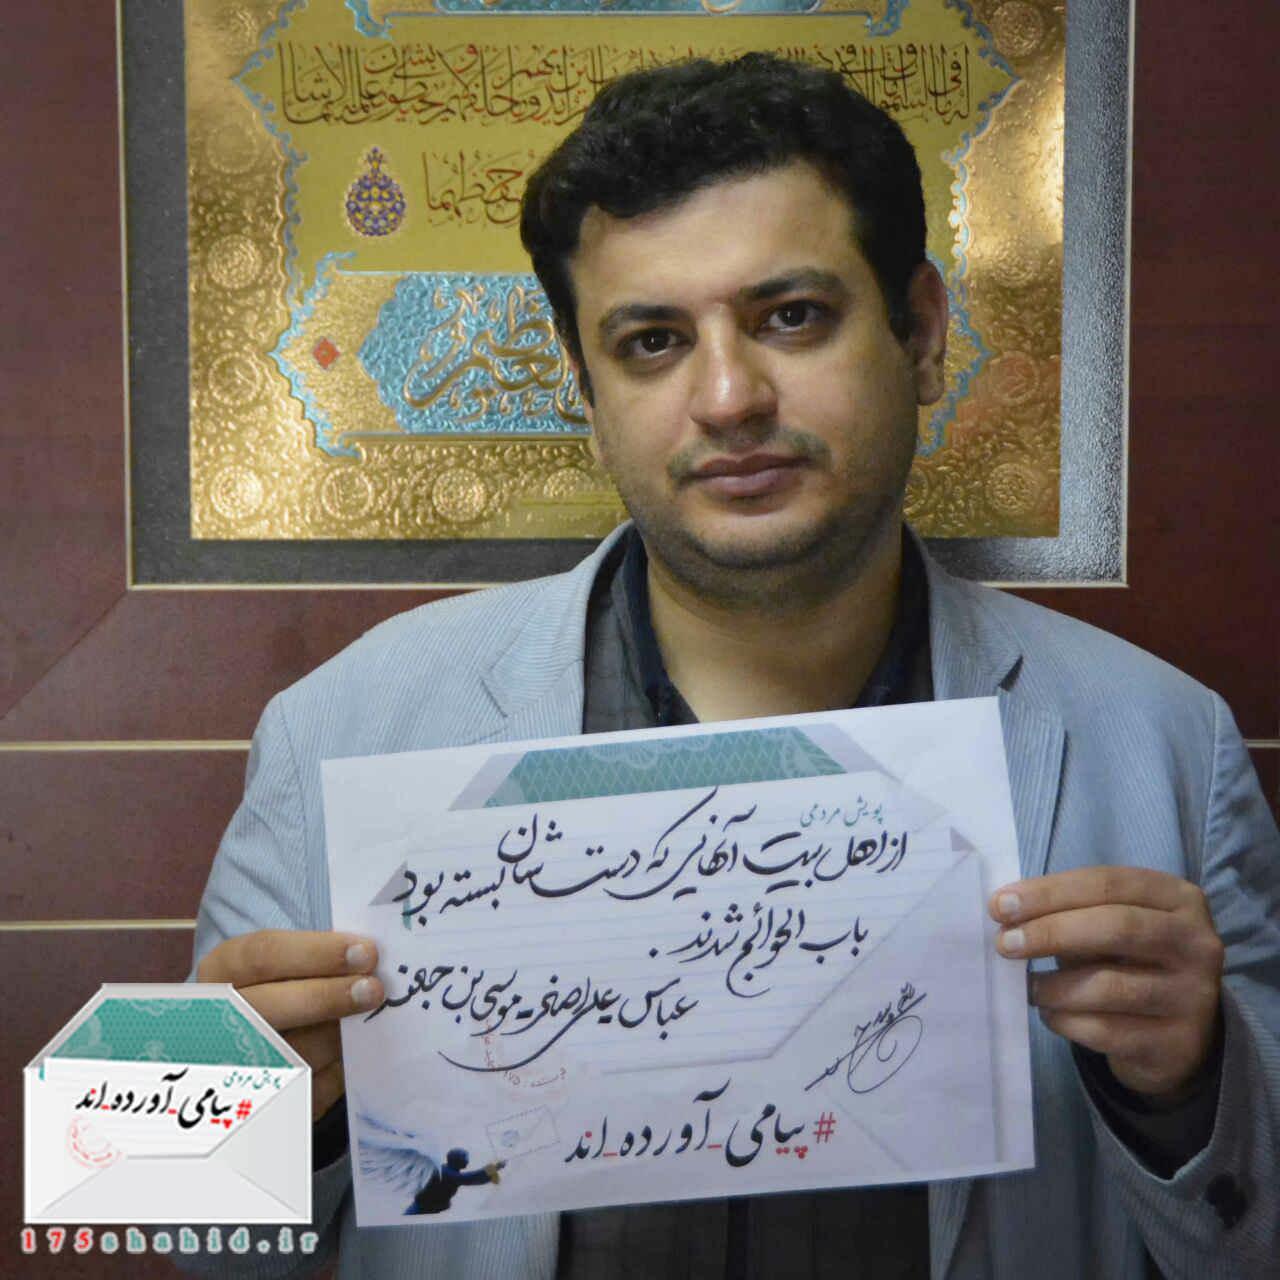 بیوگرافی اکبر رائفی پور